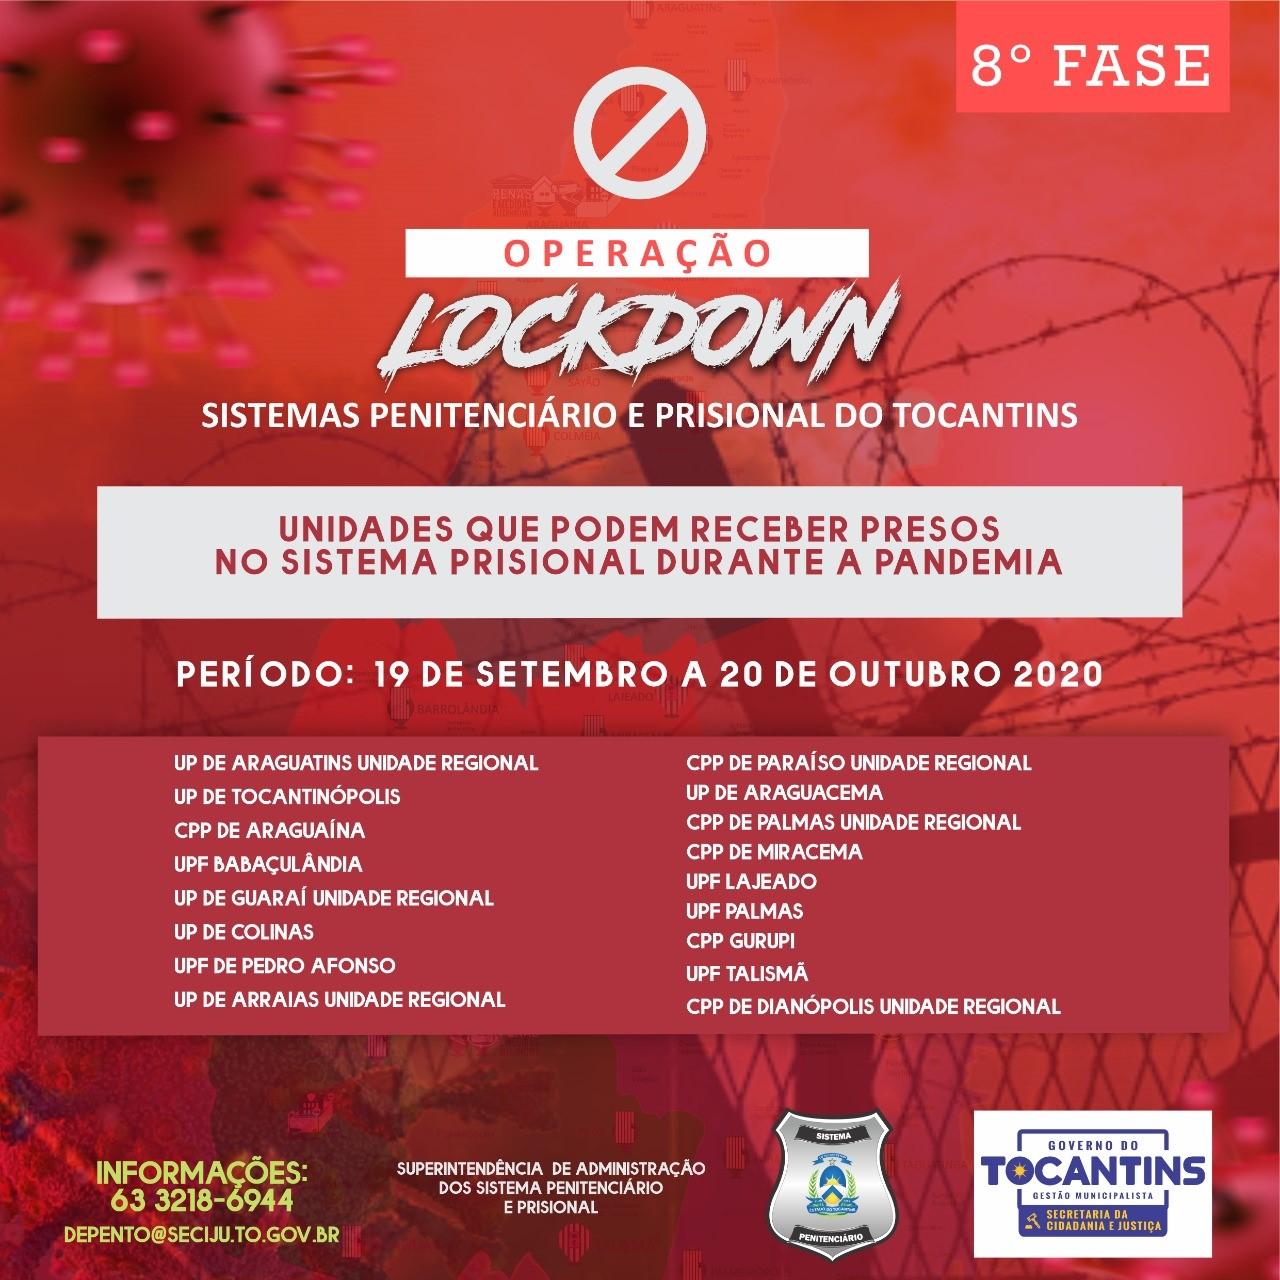 Sispen/TO deflagra oitava fase da Operação Lockdown definindo unidades penais que receberão presos durante a pandemia